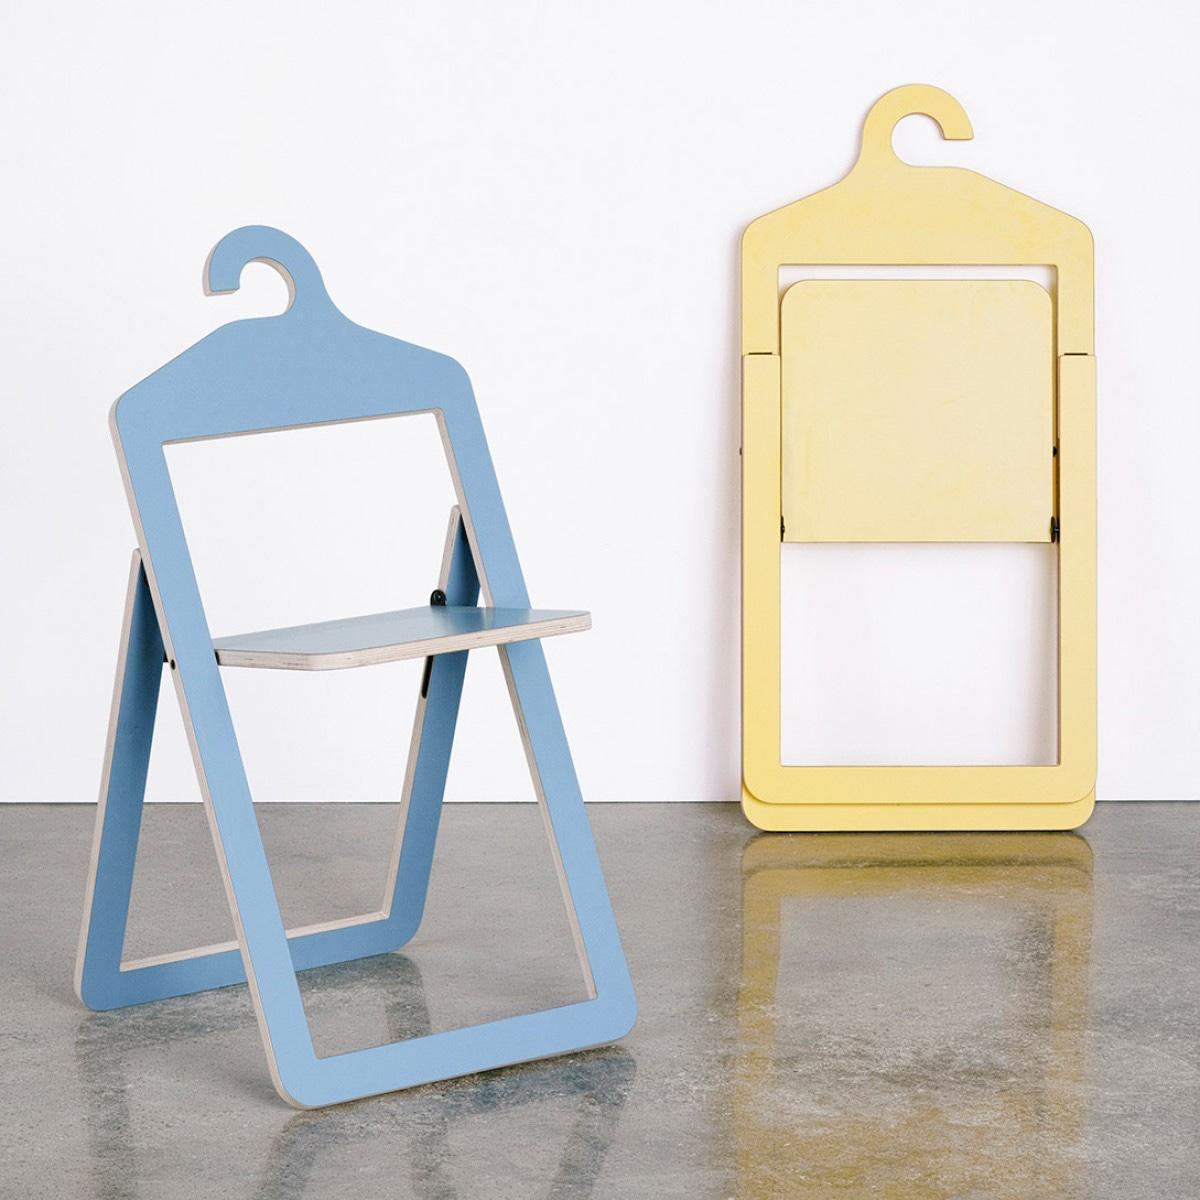 Всемирно известный дизайнер Филипп Малуин - дизайн стула-вешалки